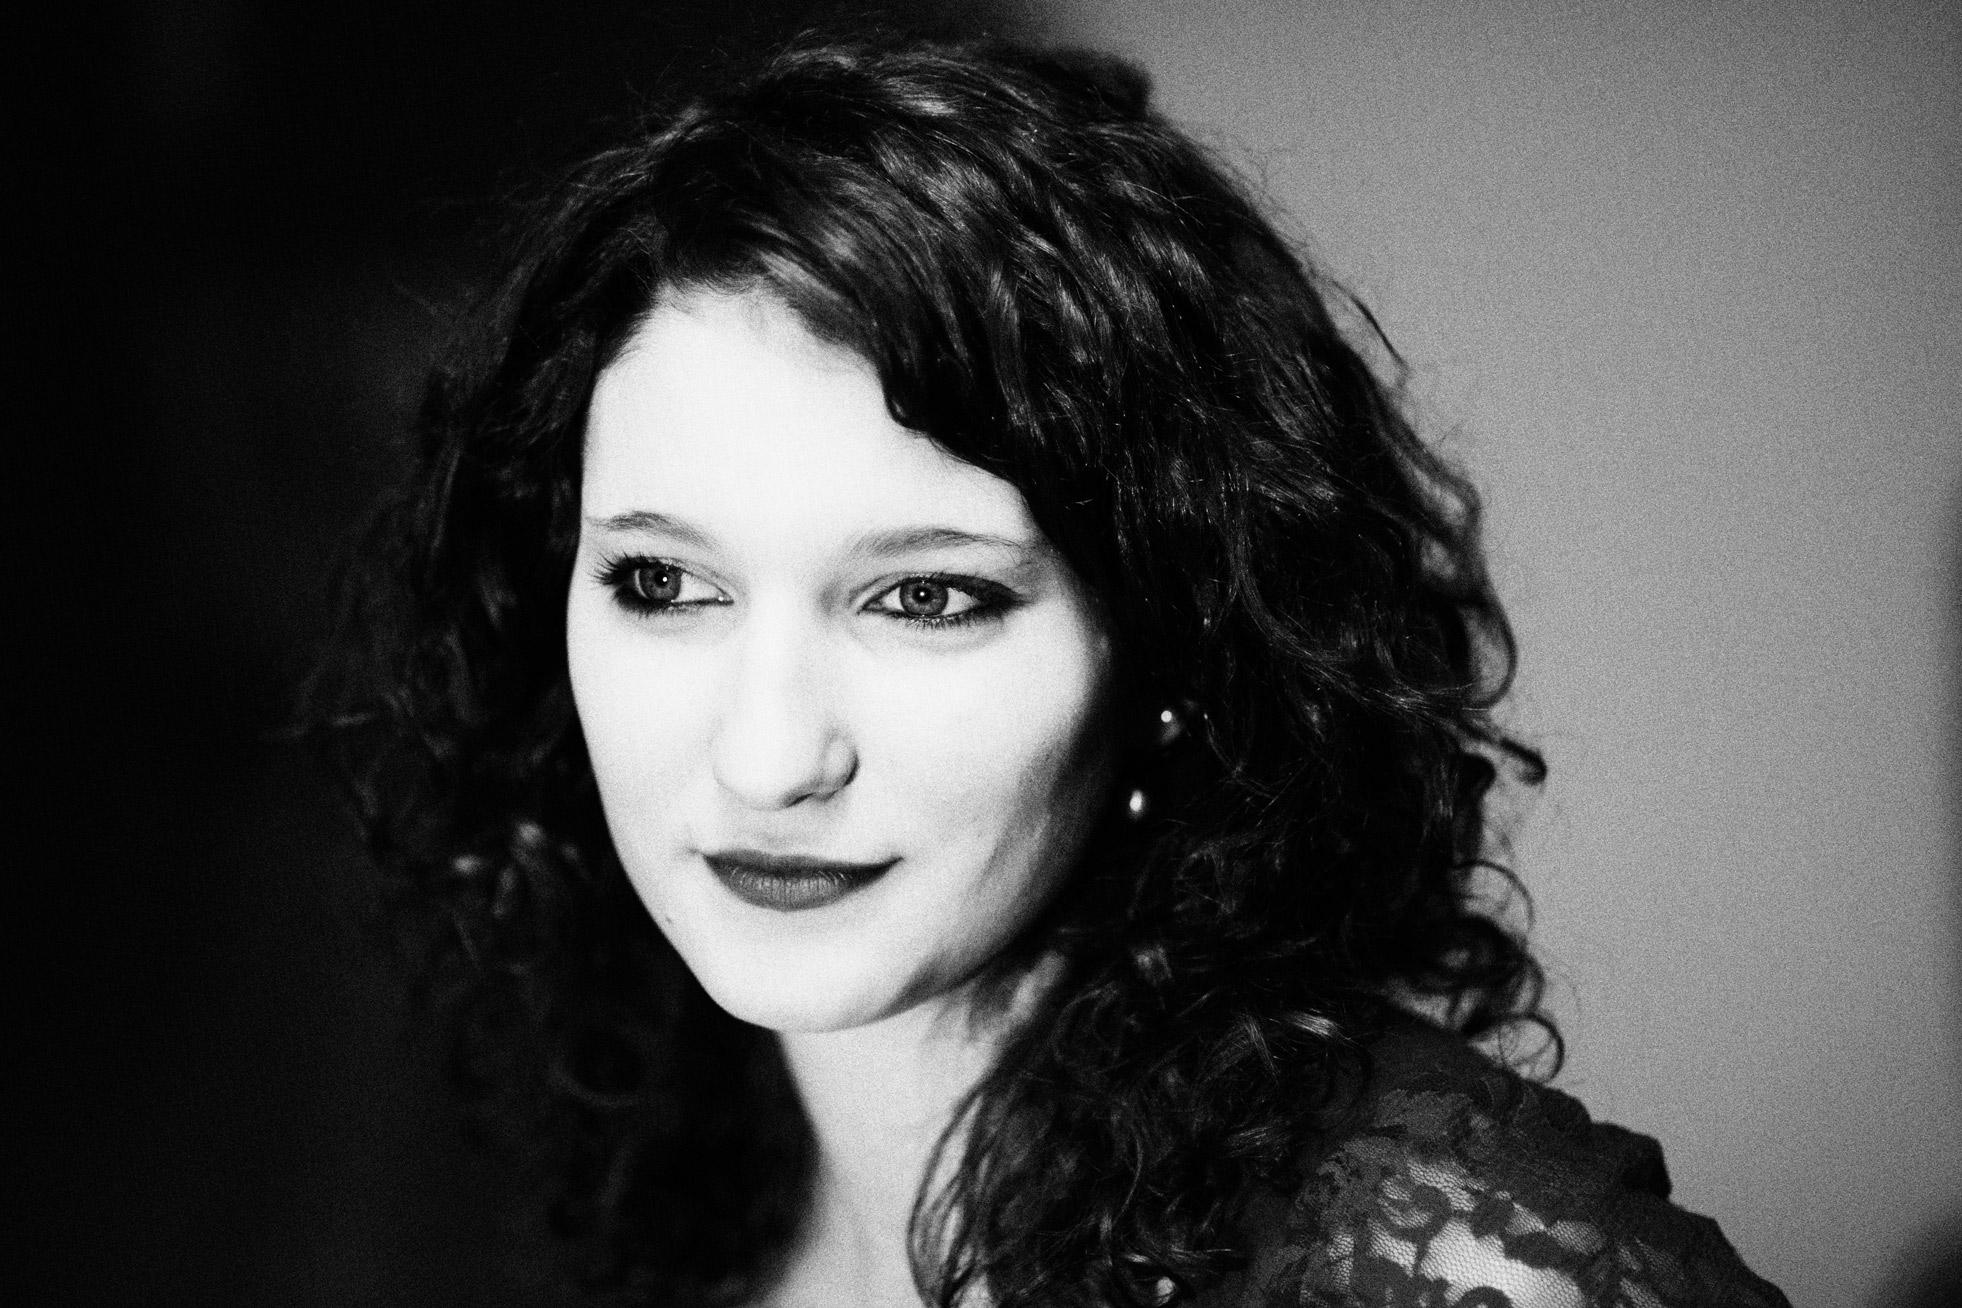 Portrait d'une modele en noir et blanc